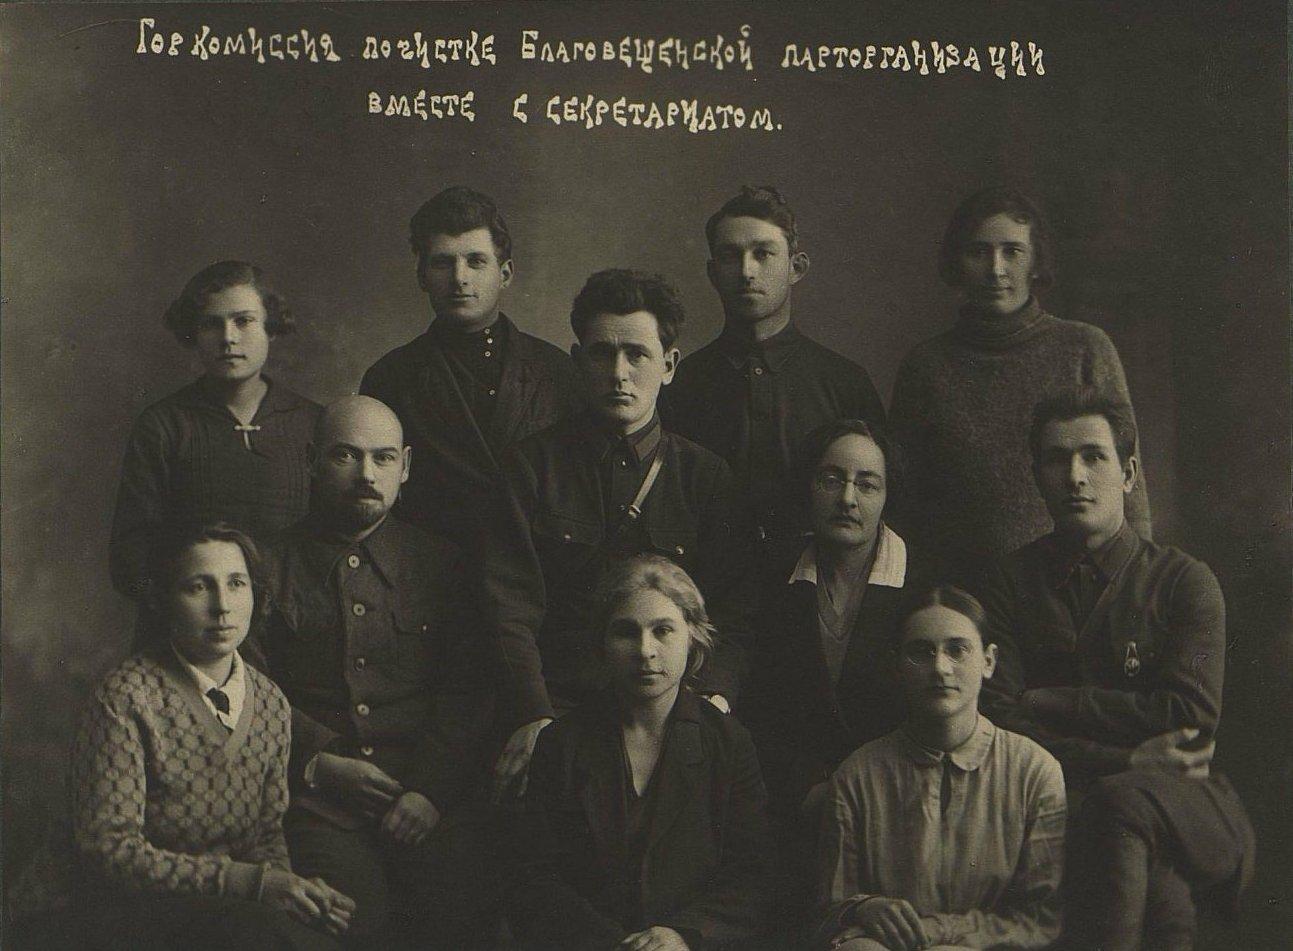 1933. Городская комиссия по чистке Благовещенской парторганизации вместе с секретариатом. Во 2-м ряд 2-я справа Назарбекян А.З.